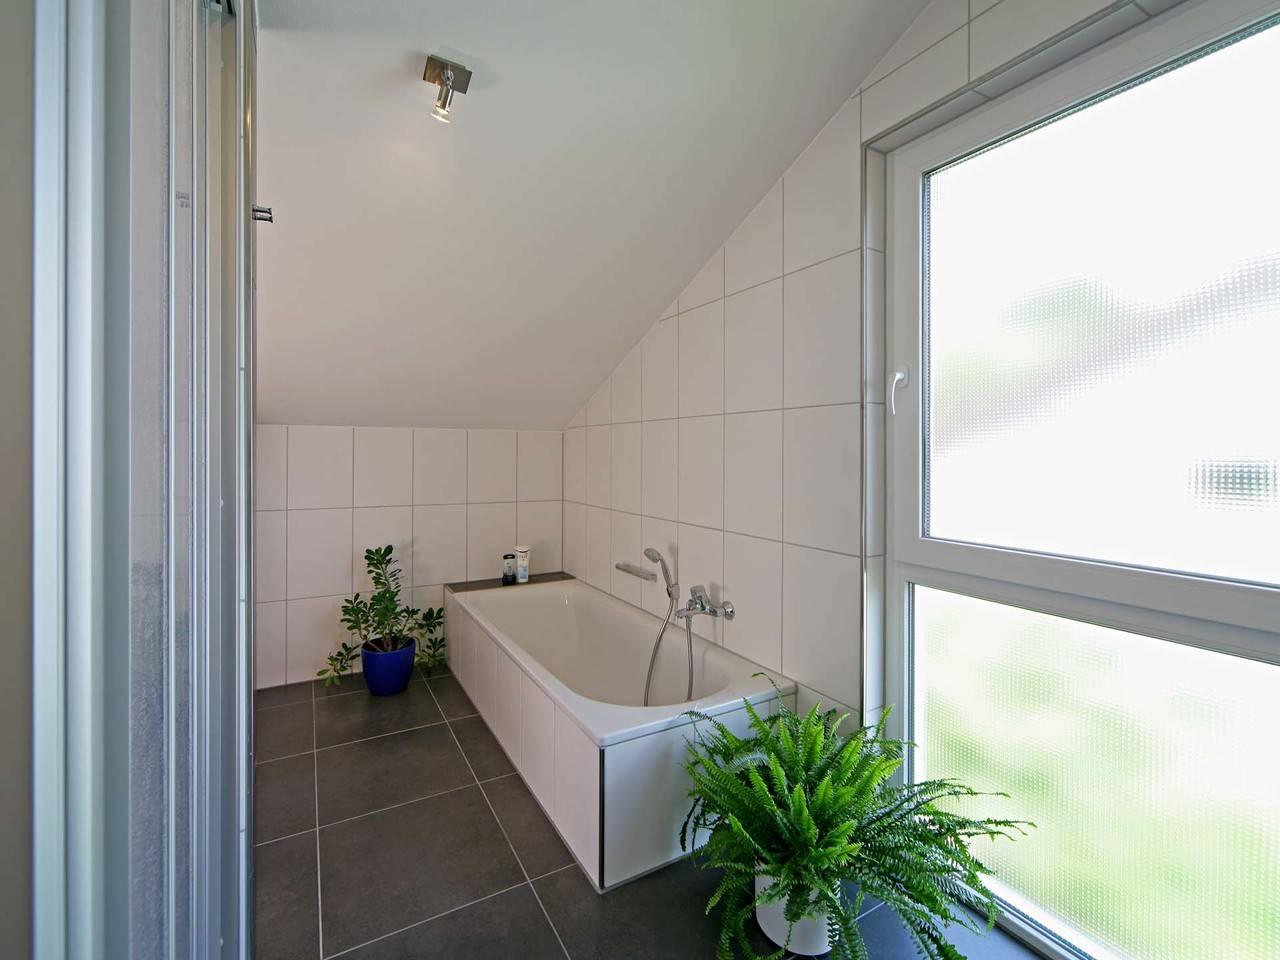 Fertighaus Weiss Mehrgenerationenhaus Vollmer-Kientsch Badezimmer